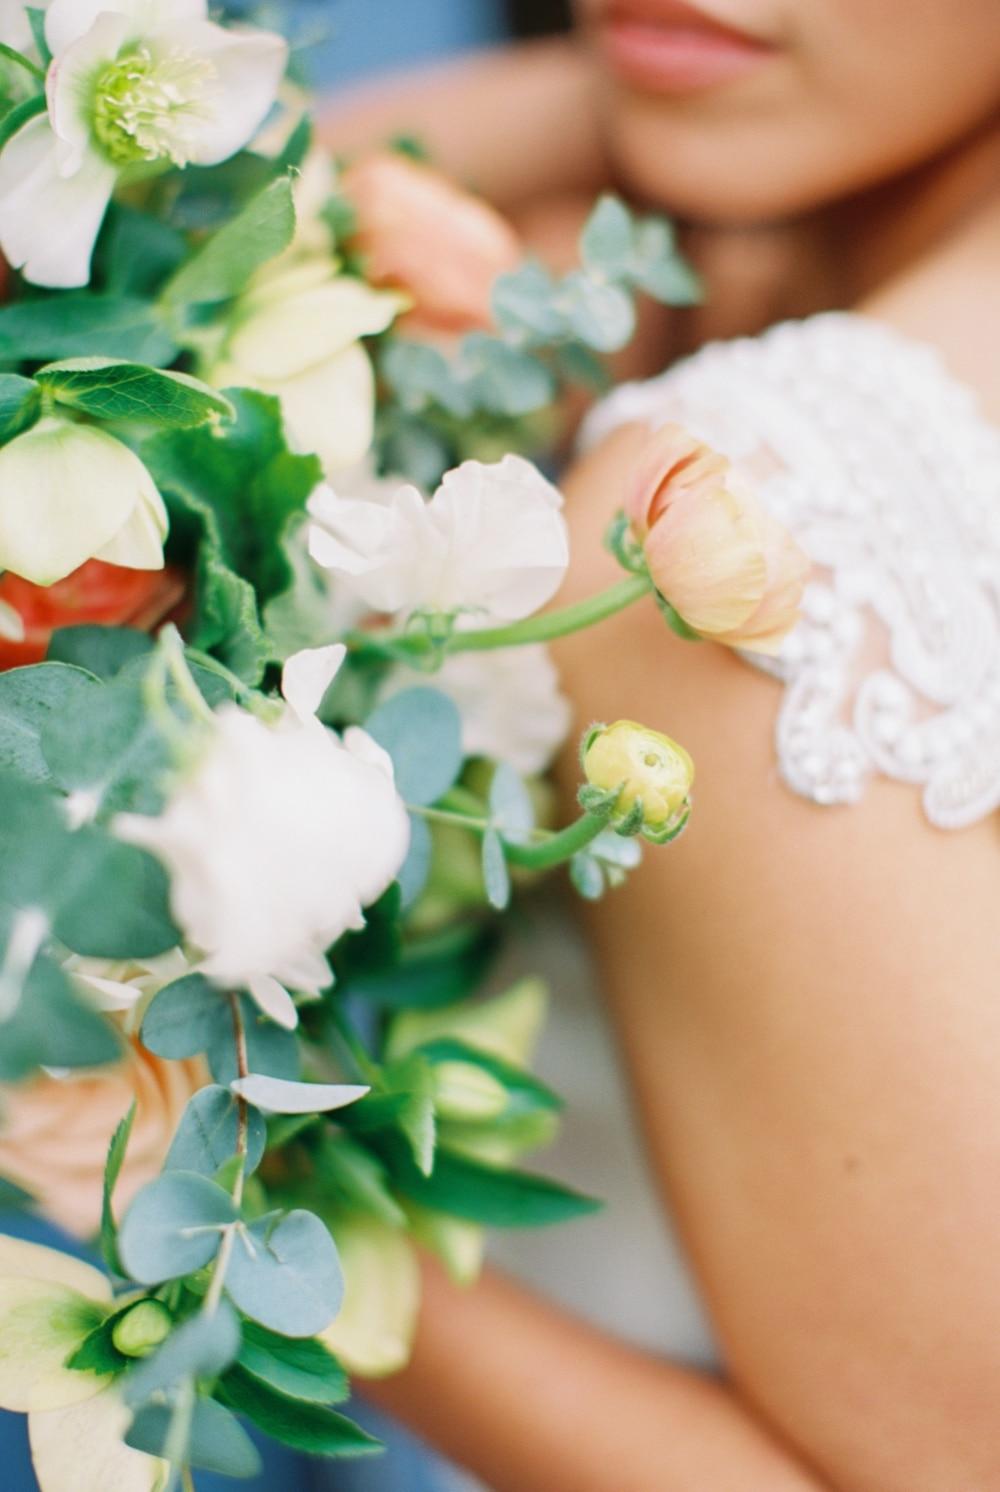 Kristin-La-Voie-Photography-Le-San-Michele-Austin-Wedding-Photographer-7